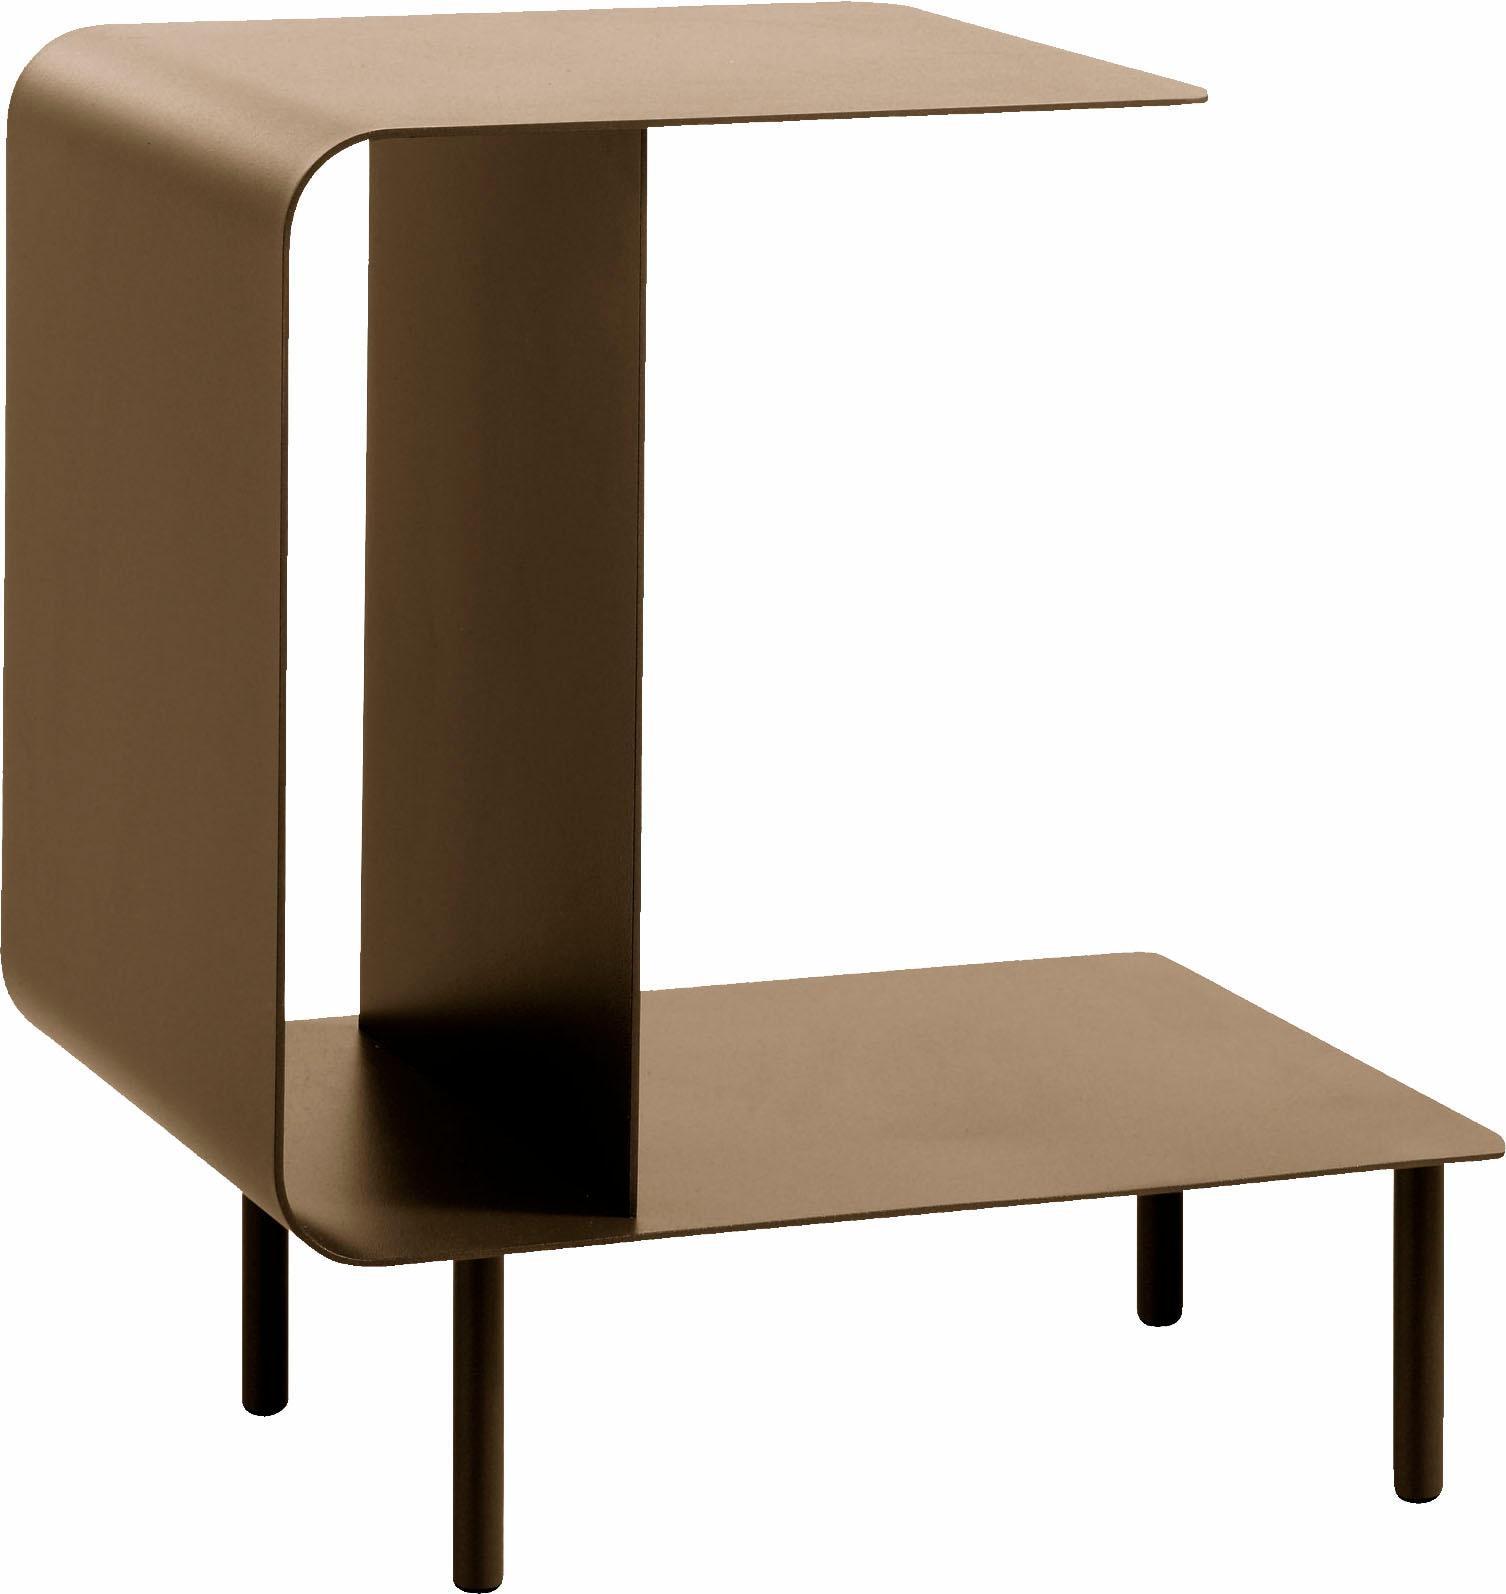 hülsta Beistelltisch MULTI -VARIS 03, aus Metall, Höhe 52 cm gelb Beistelltische Tische